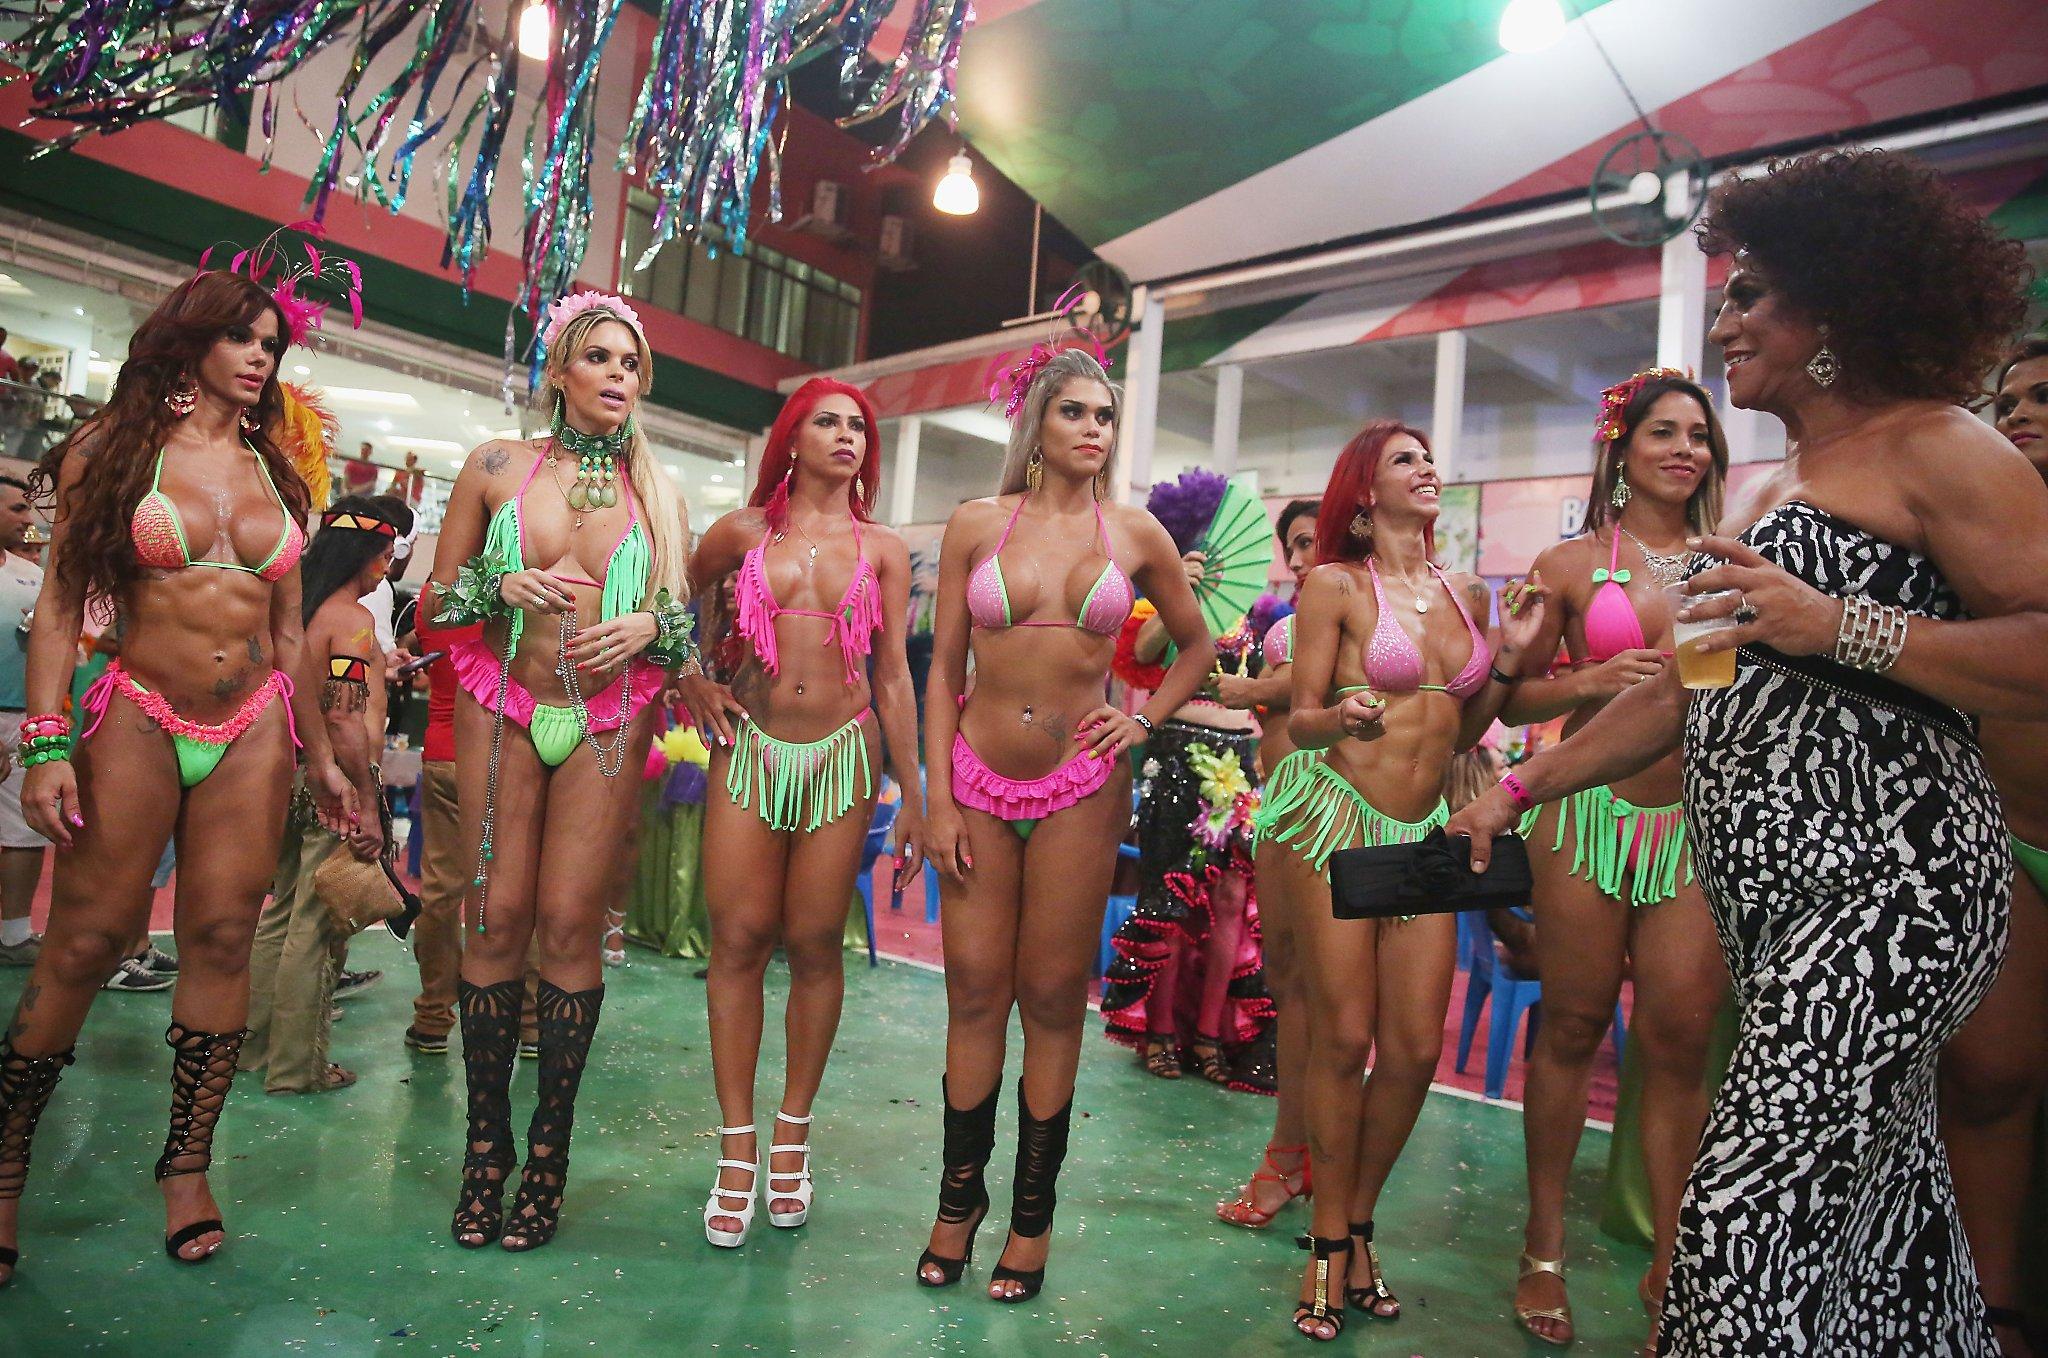 Illinois girls at mardi gras - 3 part 1